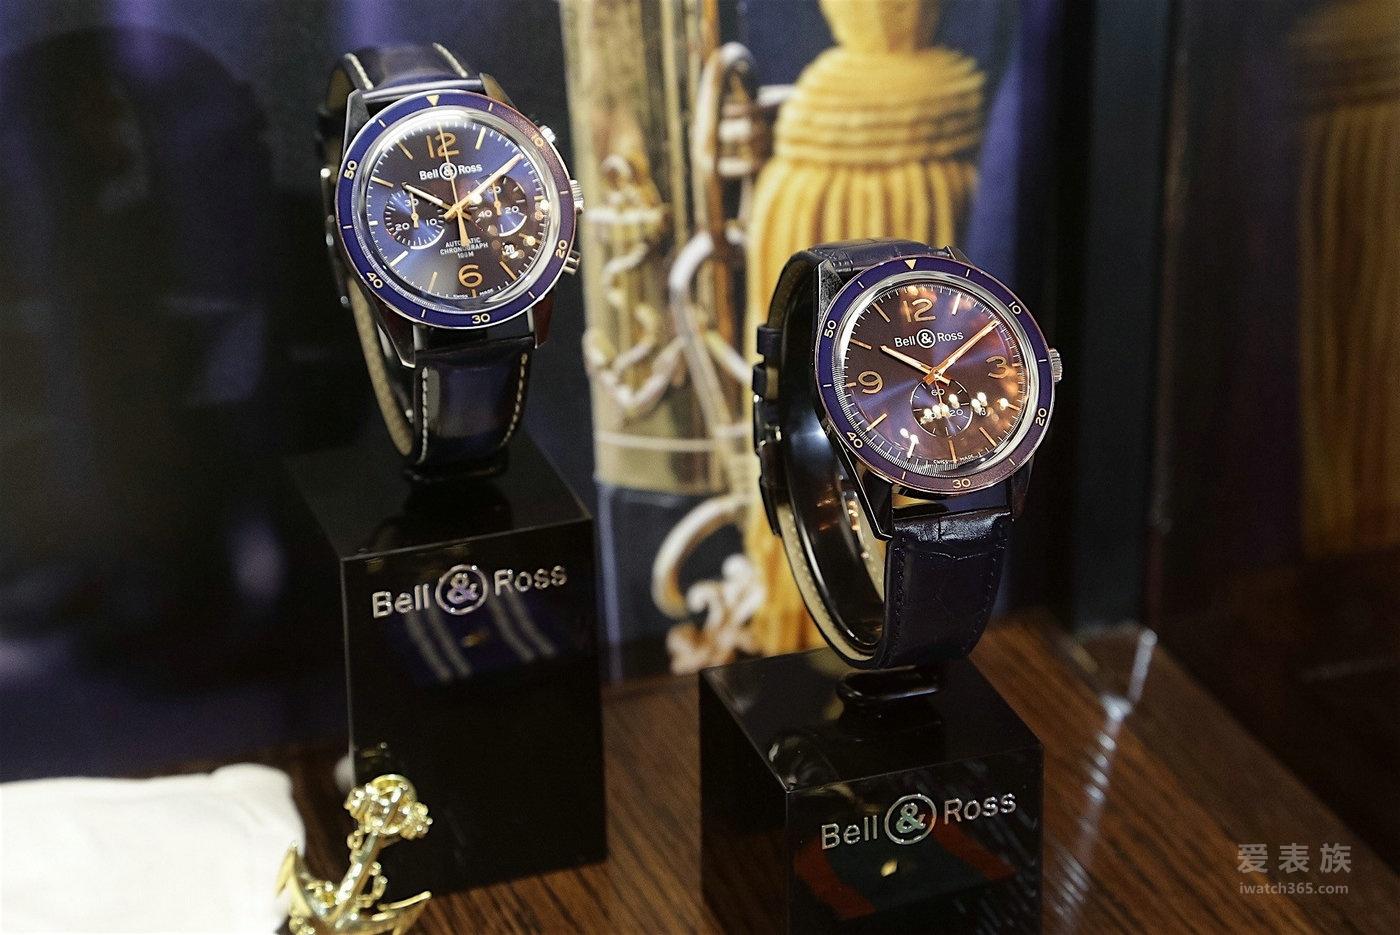 柏莱士——进军海洋,创意不断:Bell & Ross新作登场